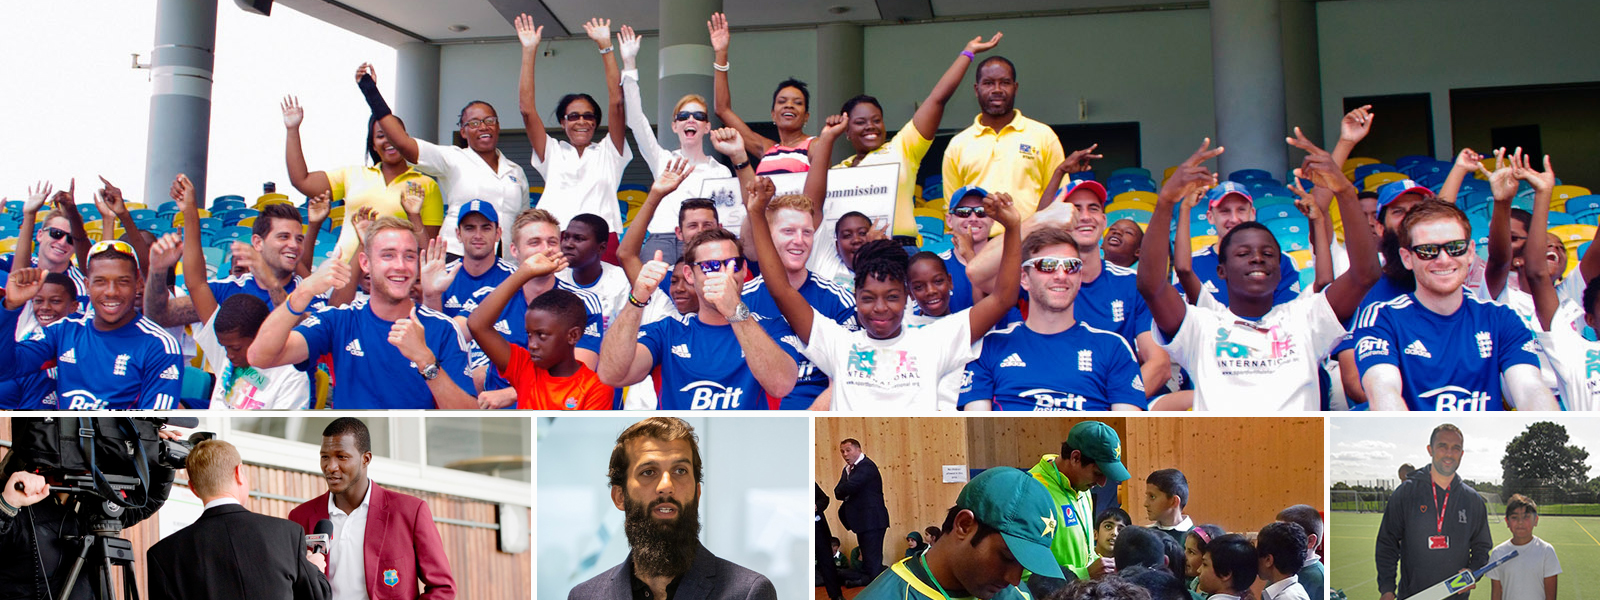 sport for life images - moeen ali, west indies, birmingham, schools, coaching